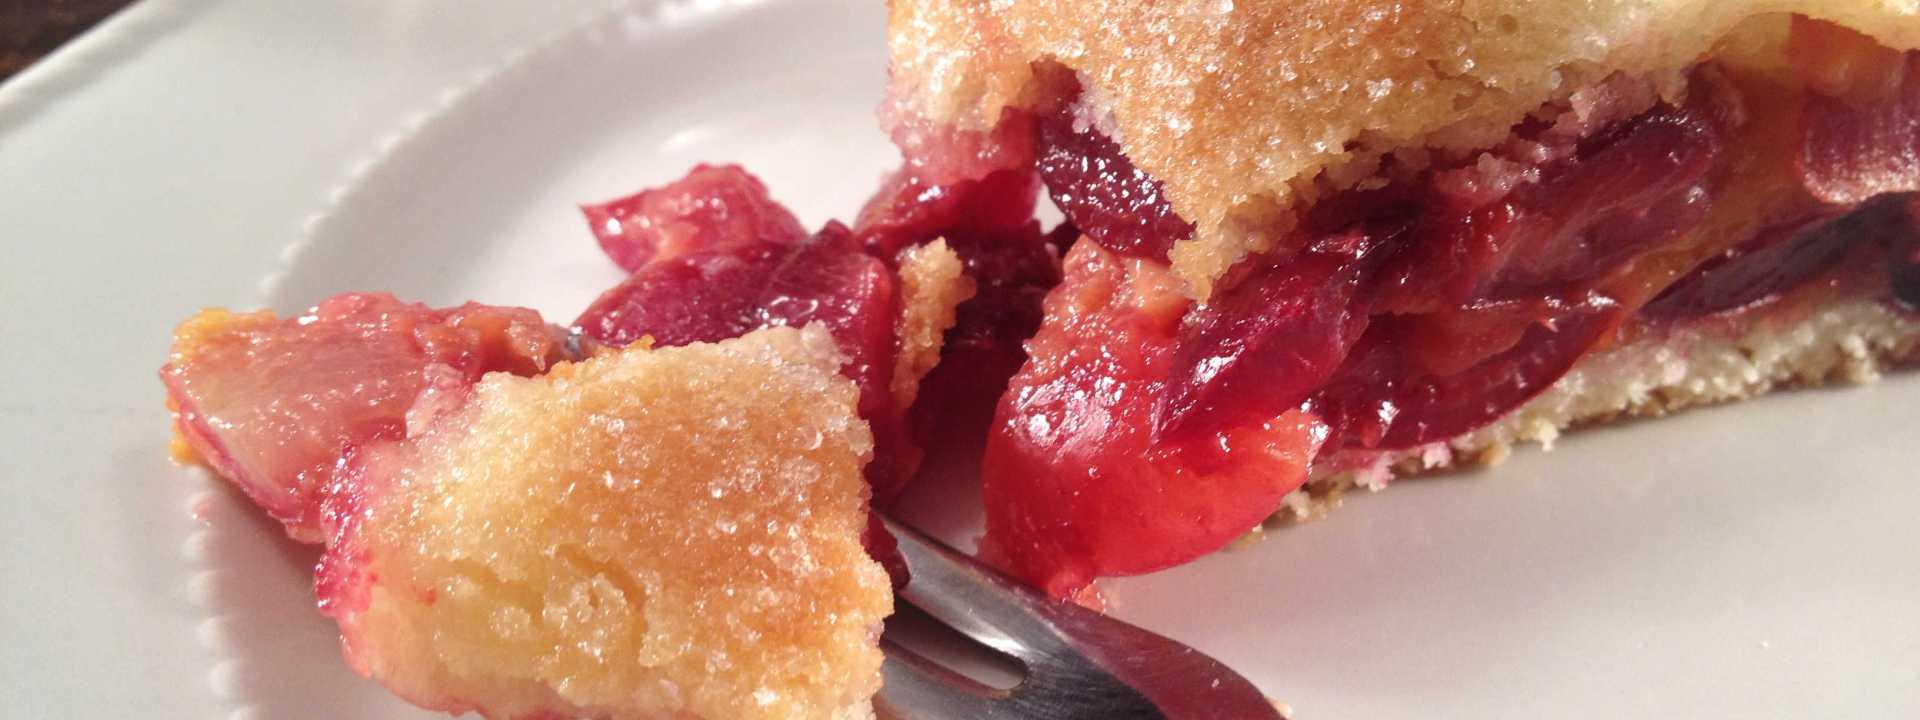 Cherry Pie senza glutine